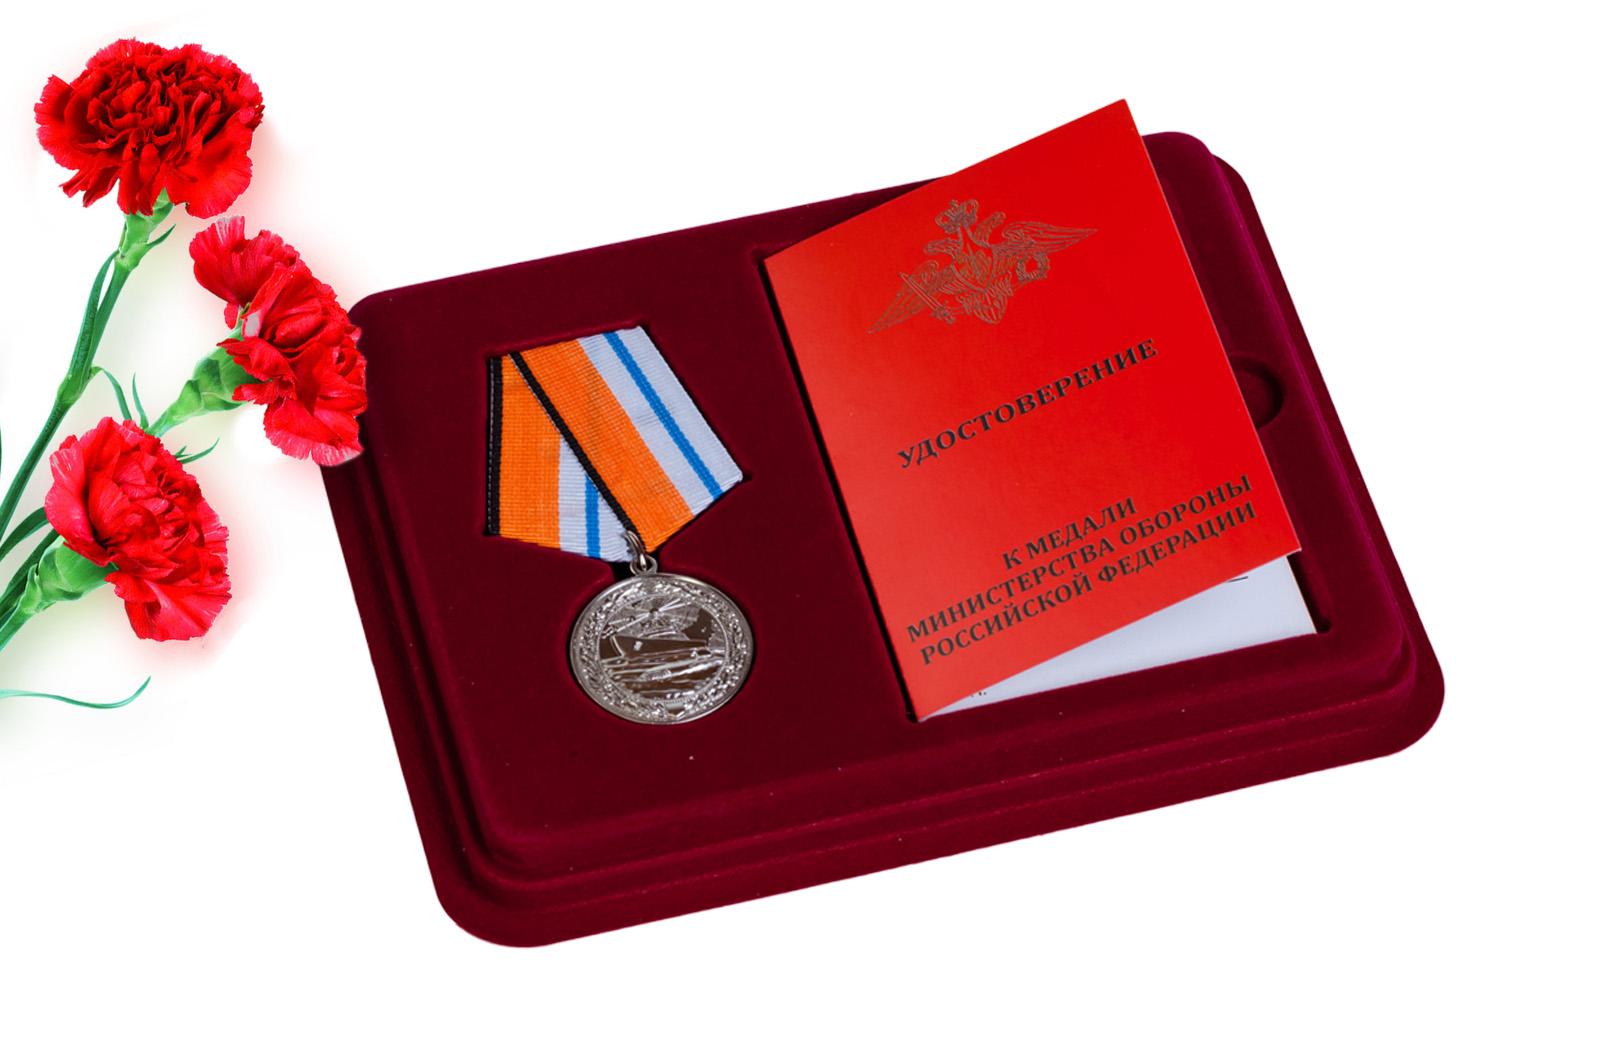 Купить медаль МО РФ За морские заслуги в Арктике с доставкой в ваш город